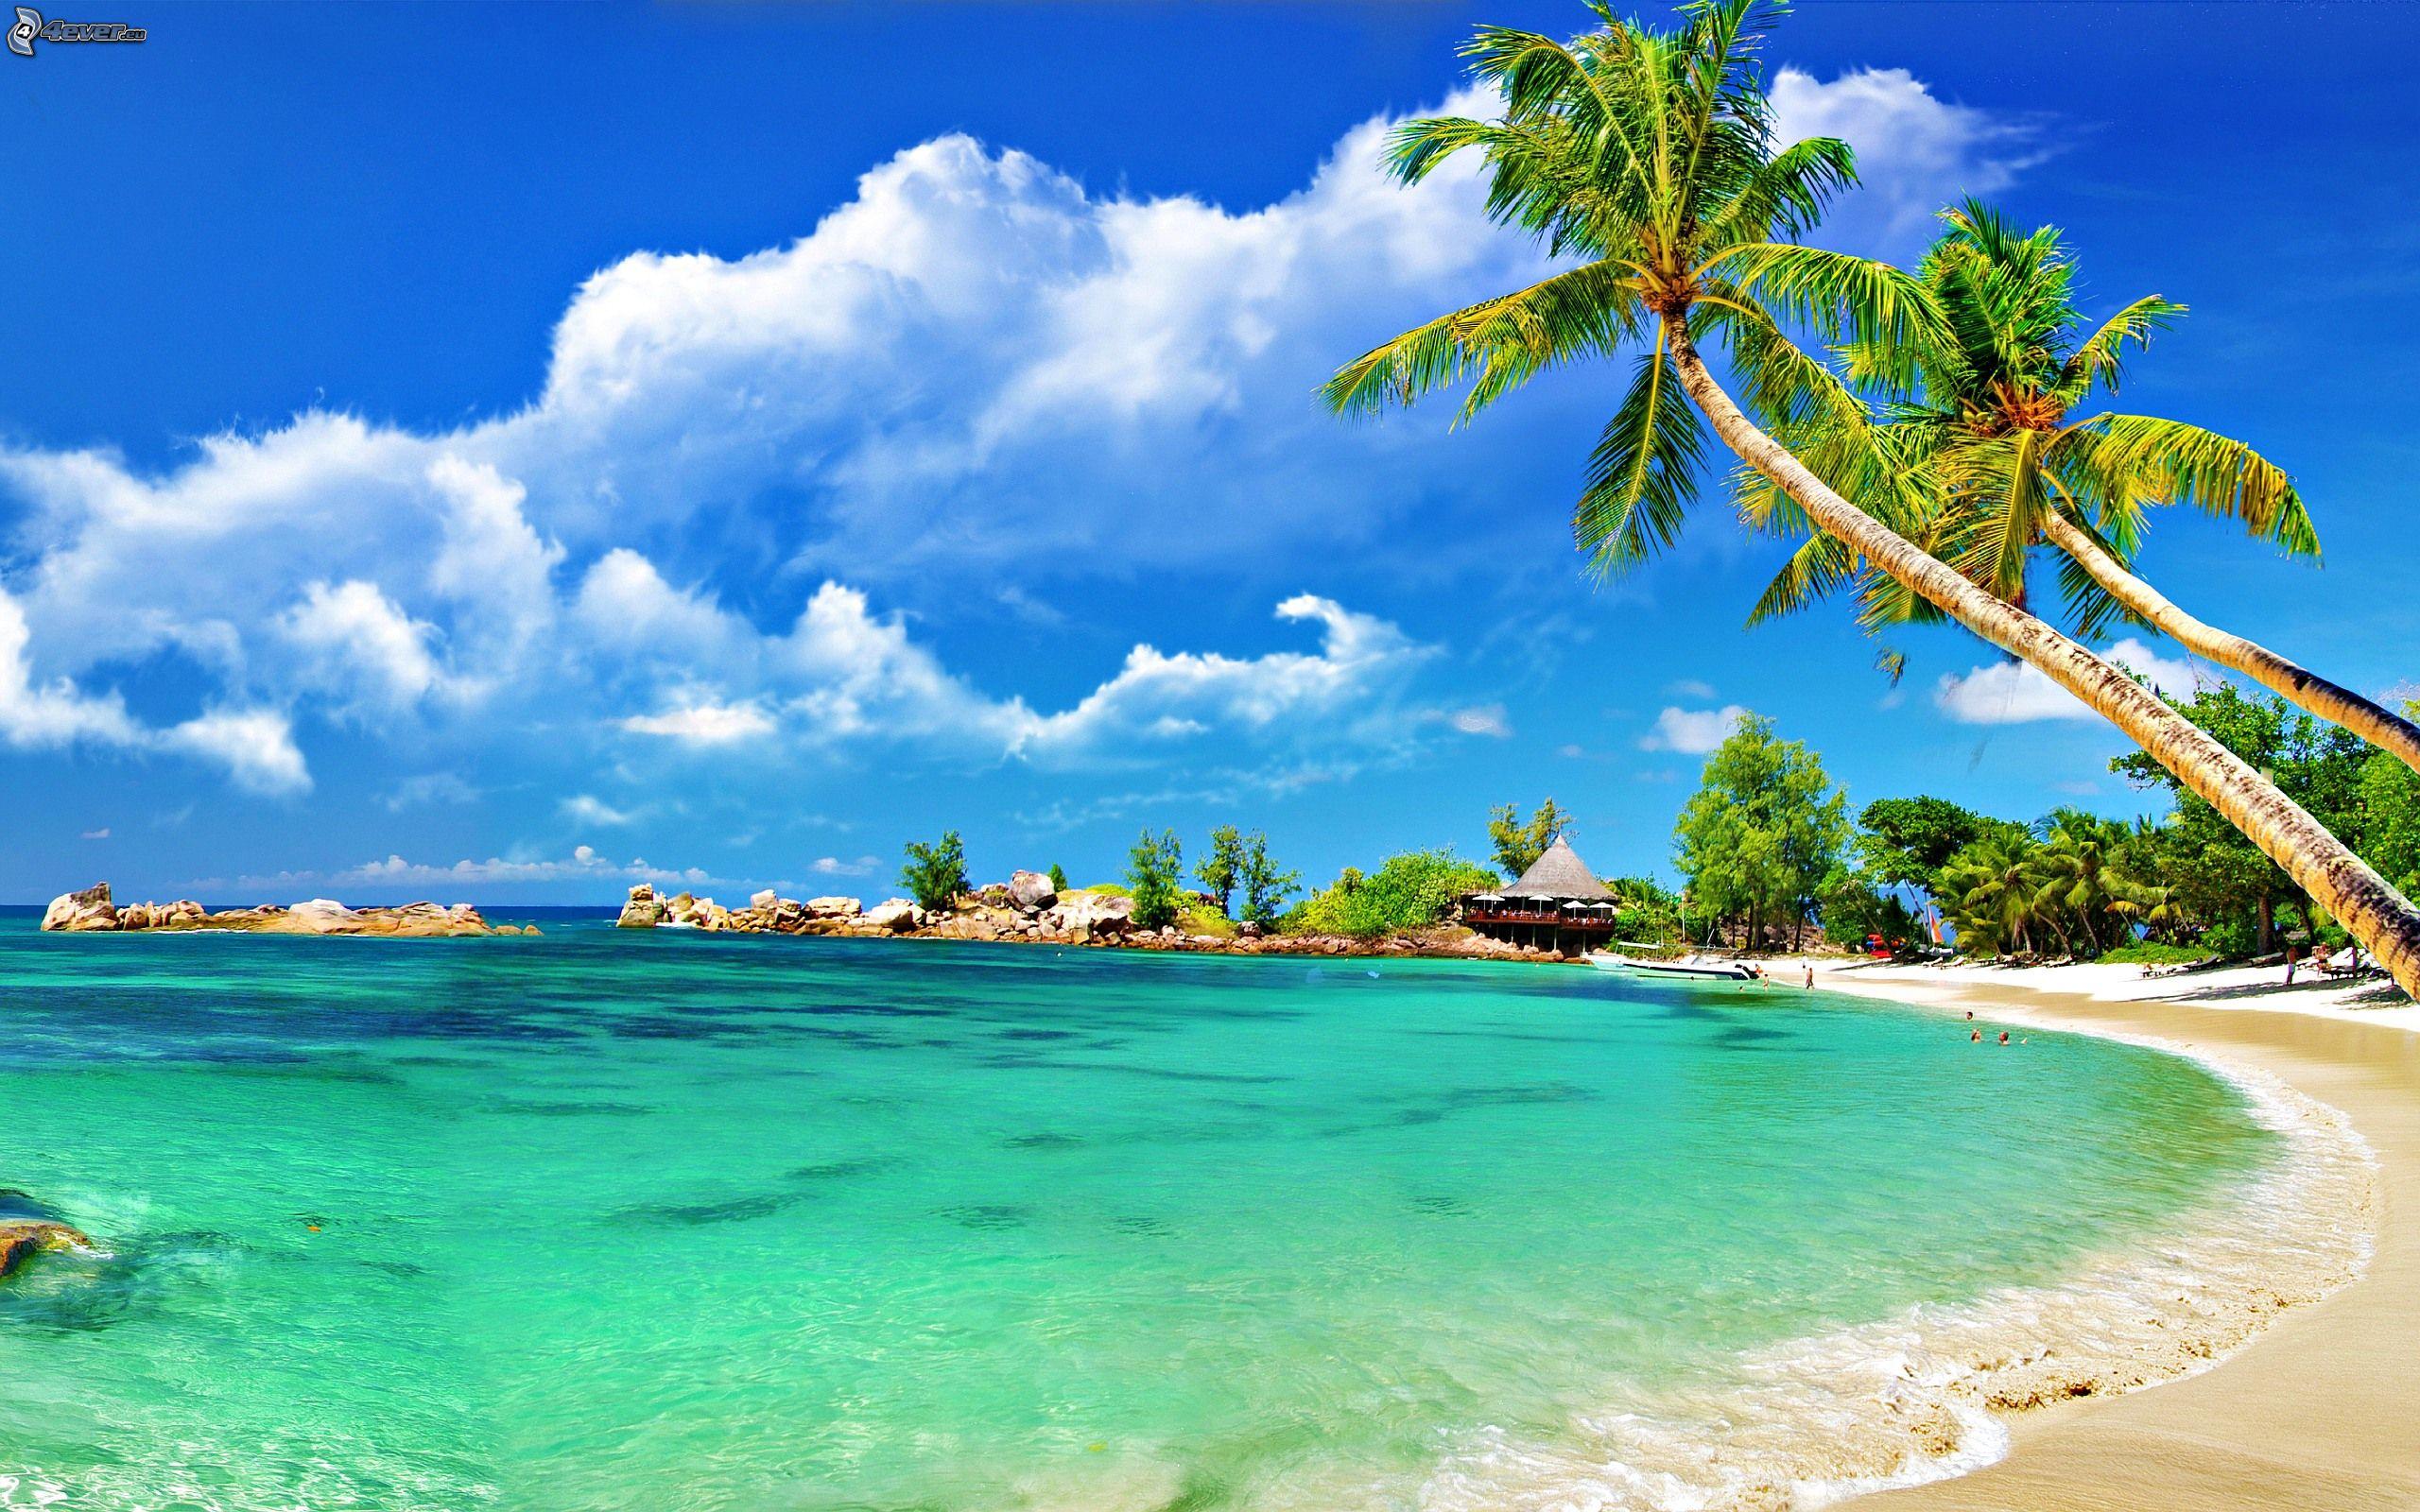 palmeras-en-la-playa,-mar,-casa-junto-al-mar-236183